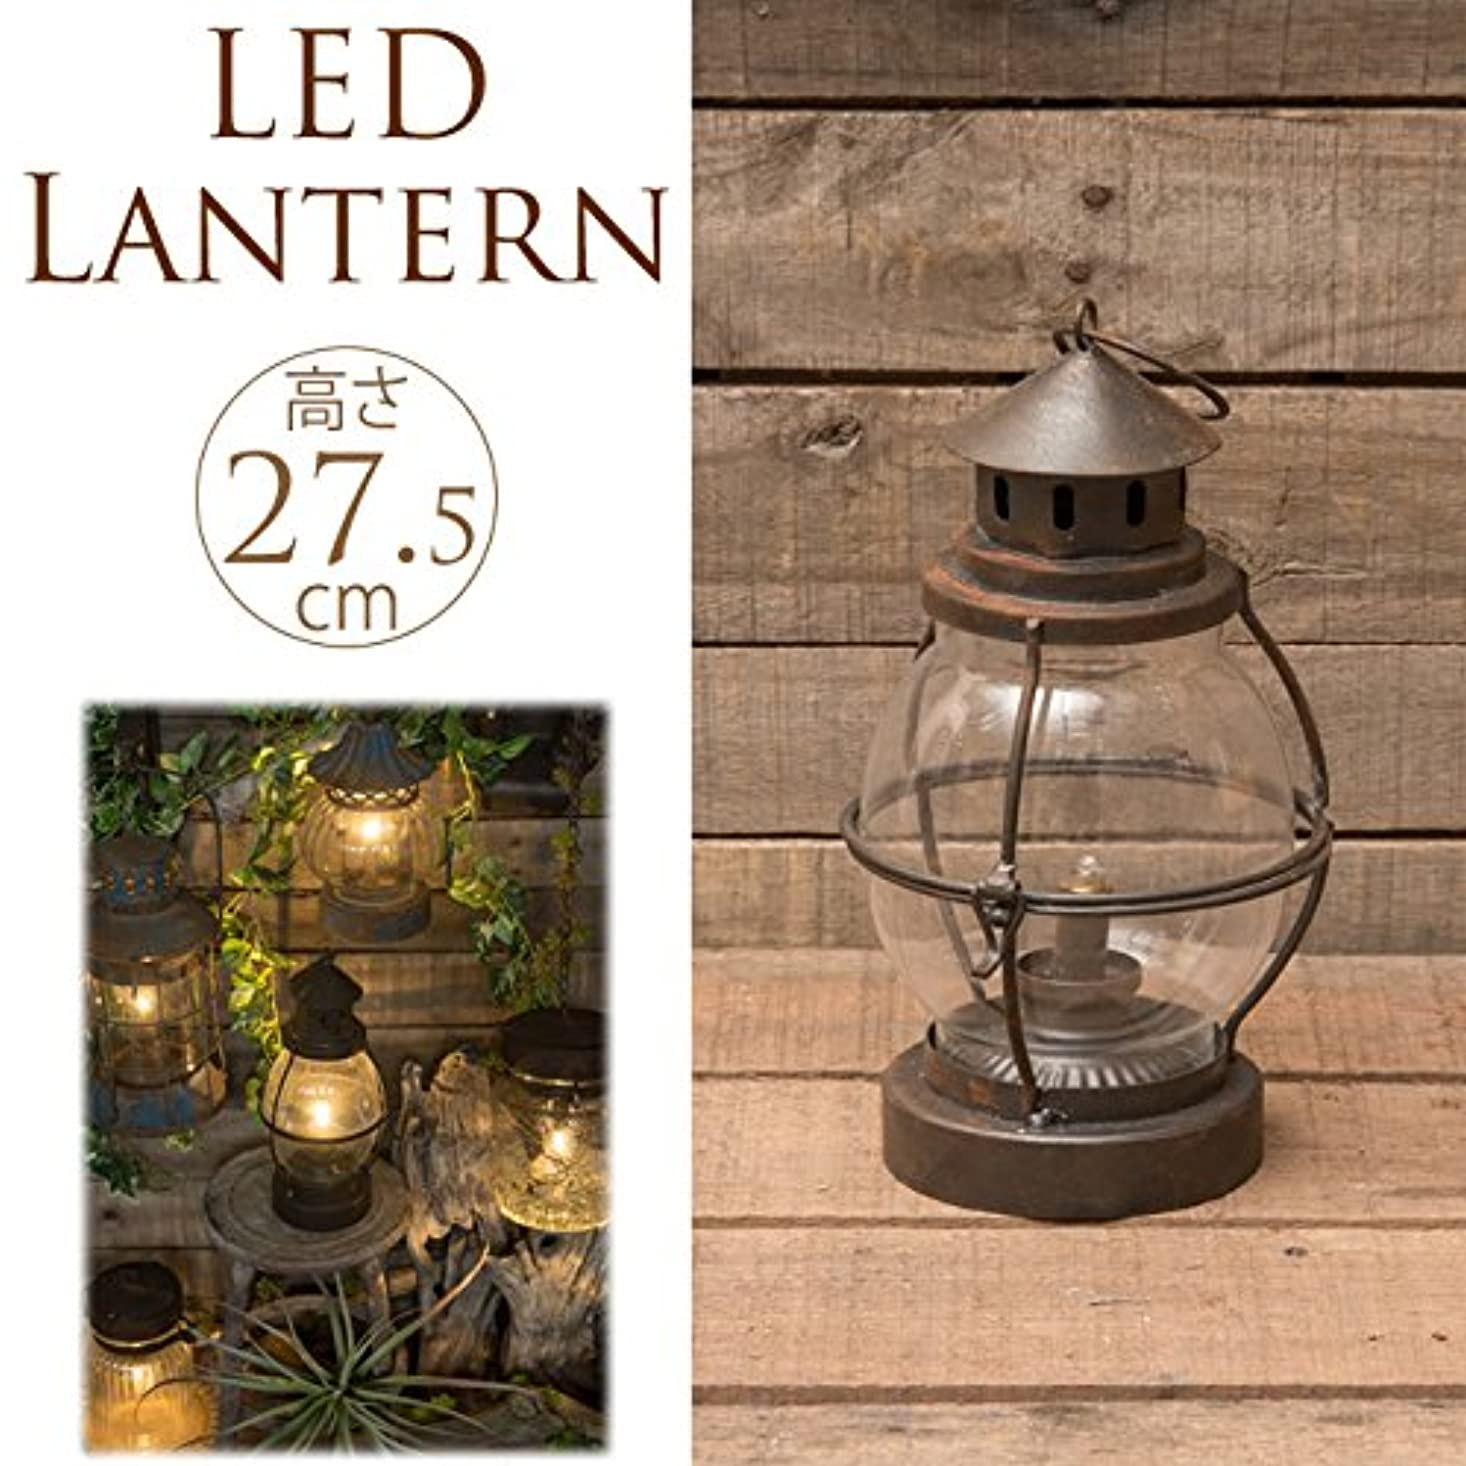 シマウマ硬さサンダルLEDカンテラ 高さ27.5cm ランタン LED アンティーク ランプ オーナメント インテリア ガーデン ガーデニング エクステリア